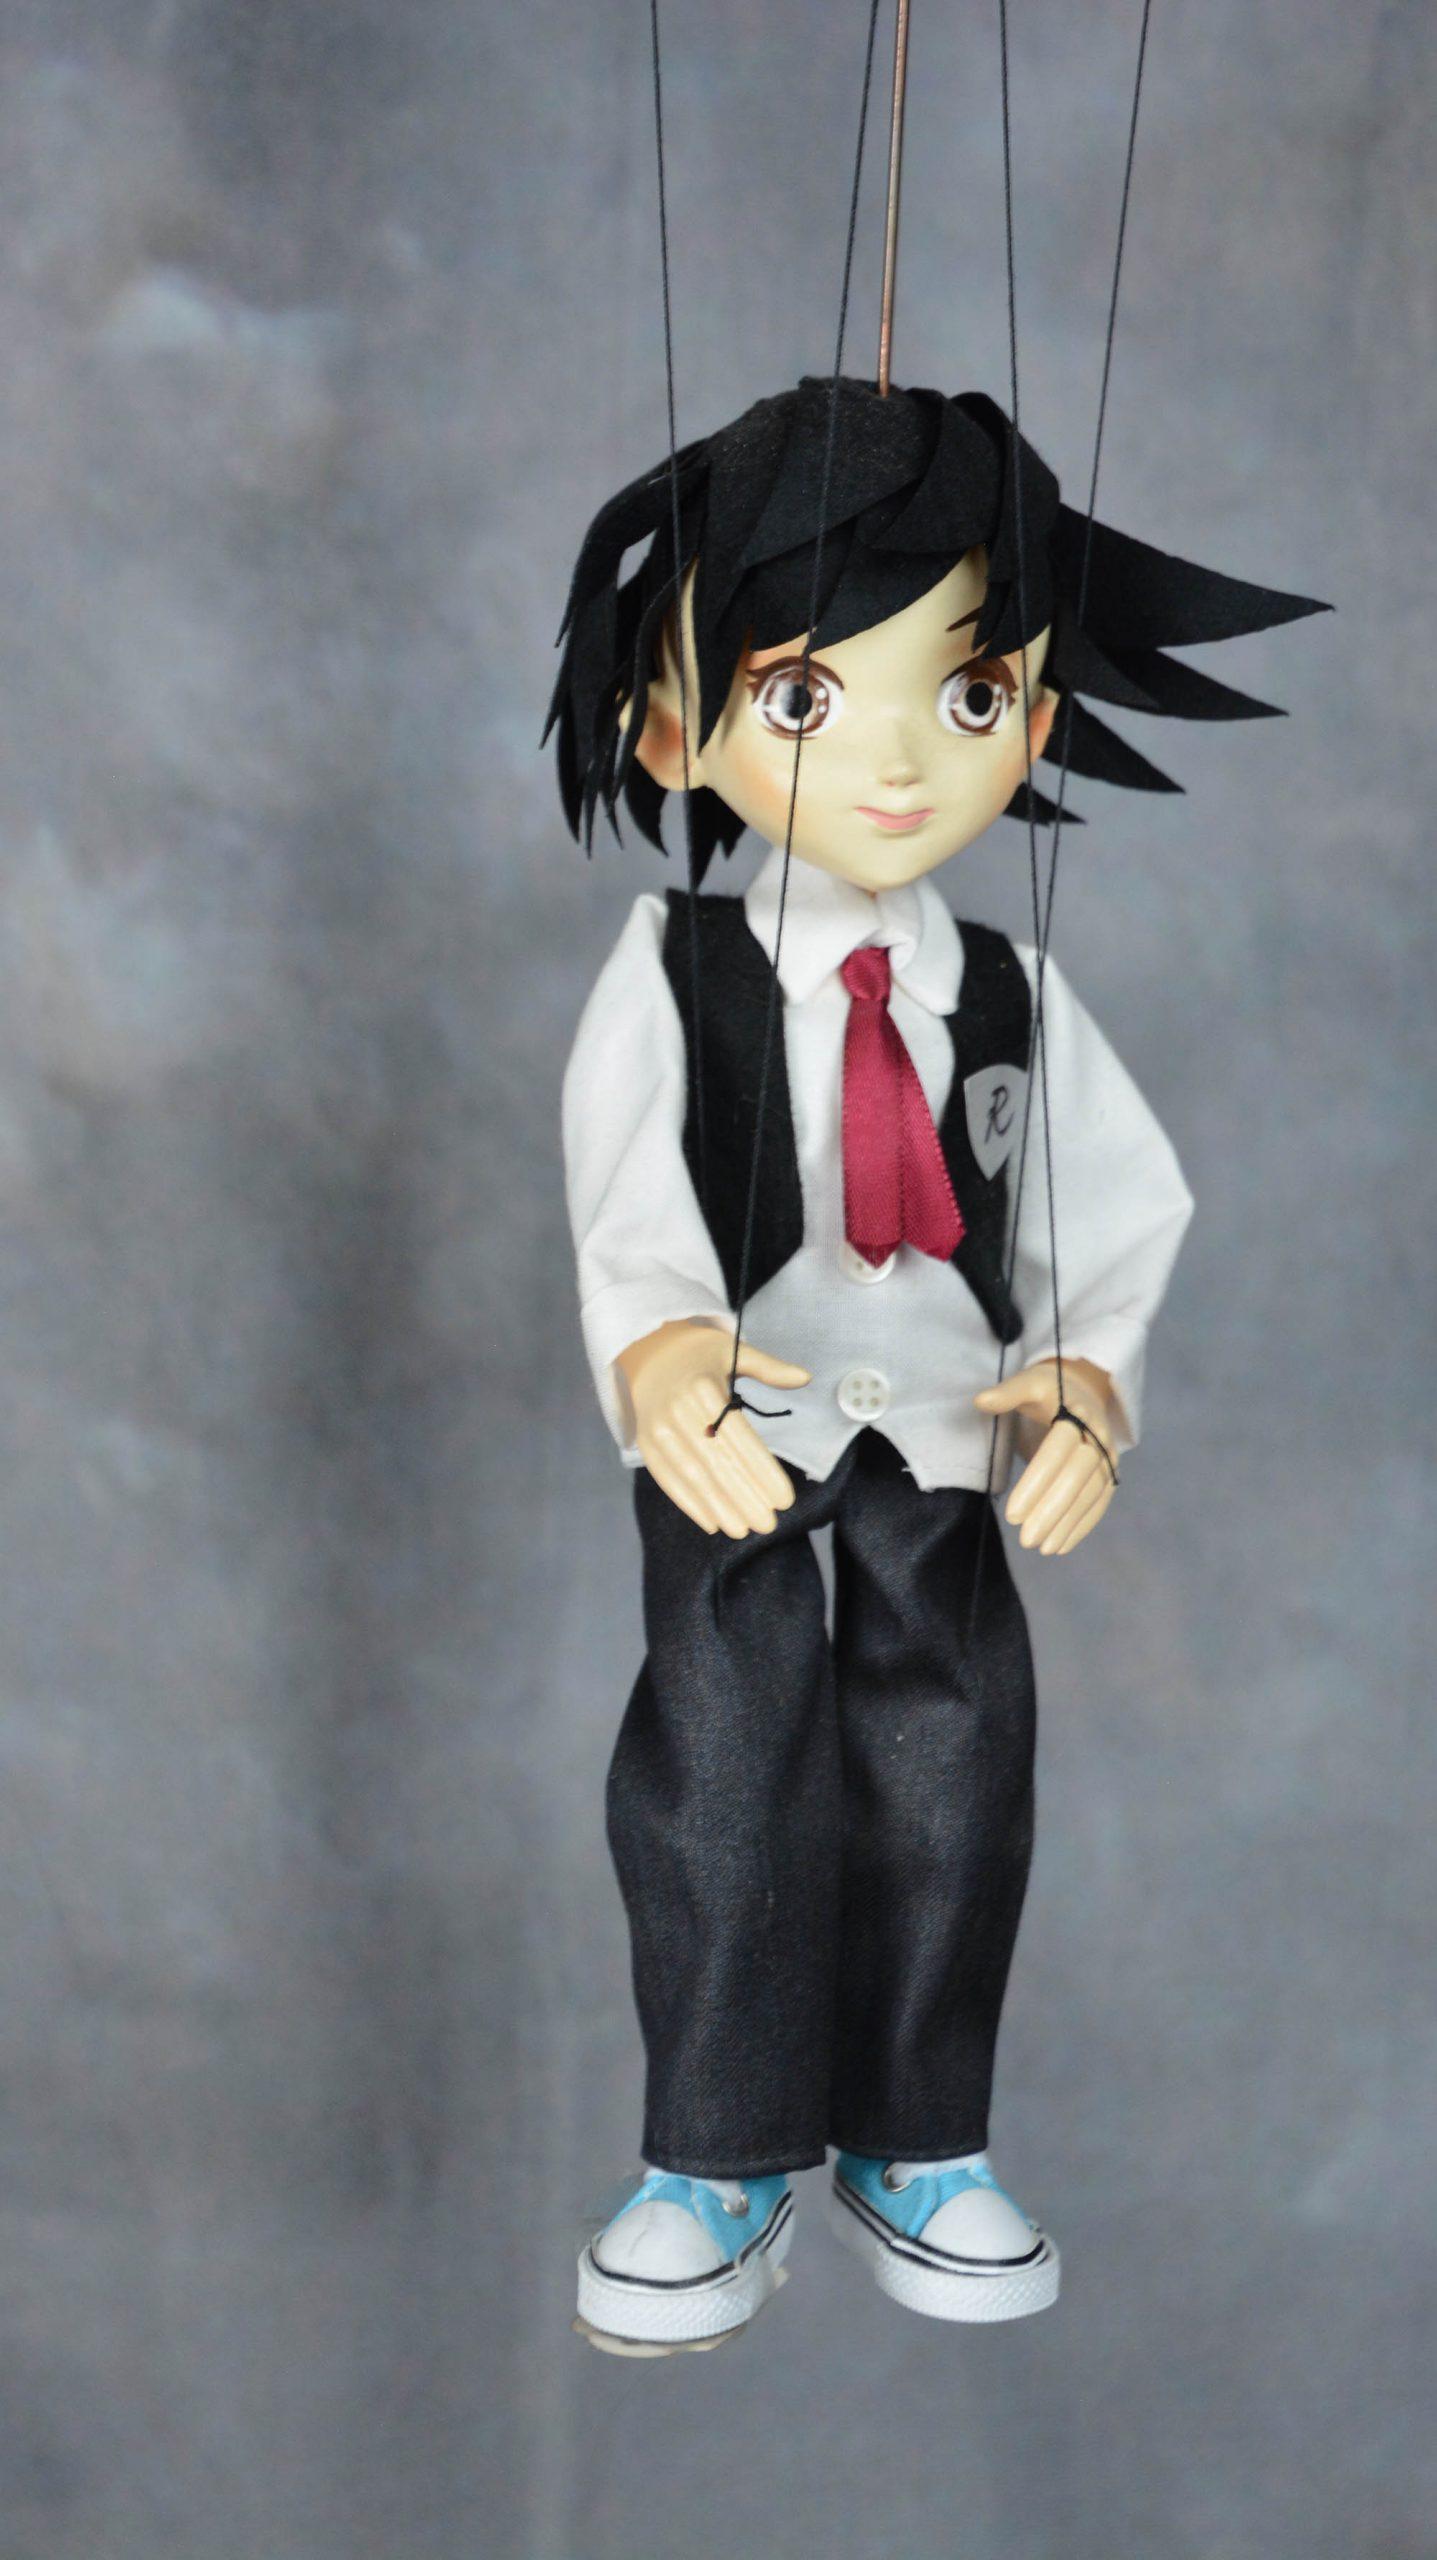 marionnette artisanale garcon manga